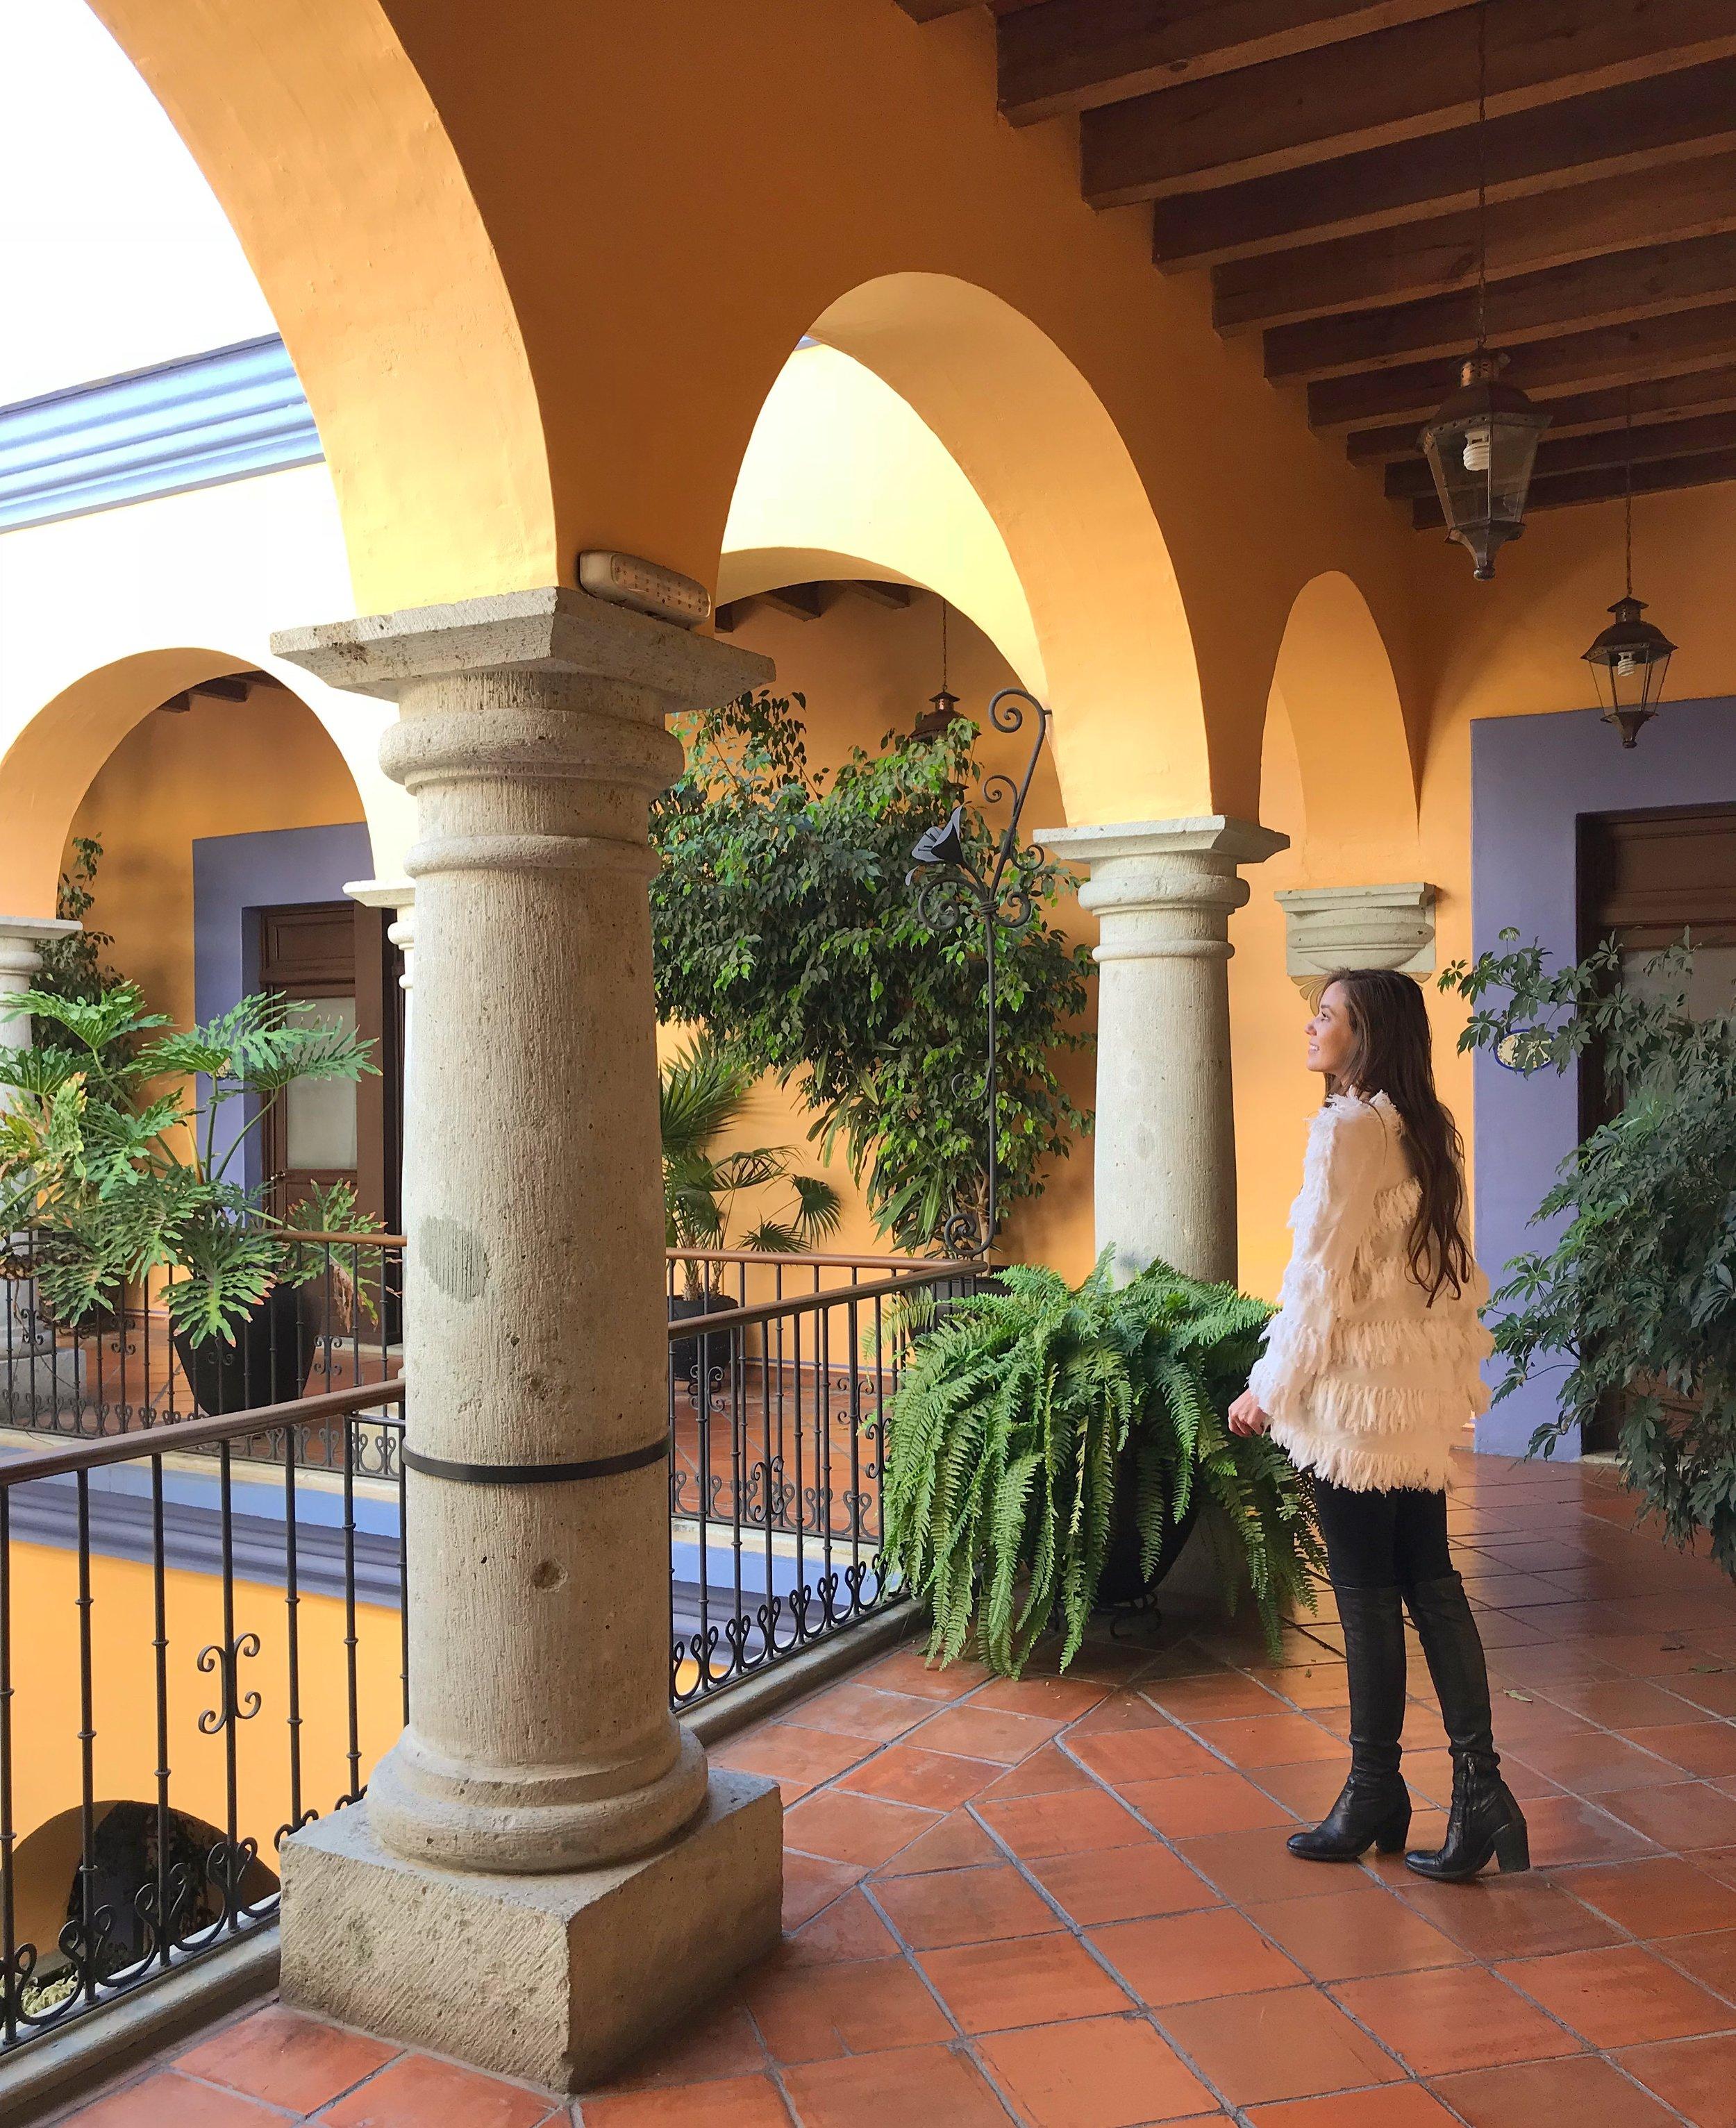 carina otero in the colorful corridors of hostal de la noria, oaxaca